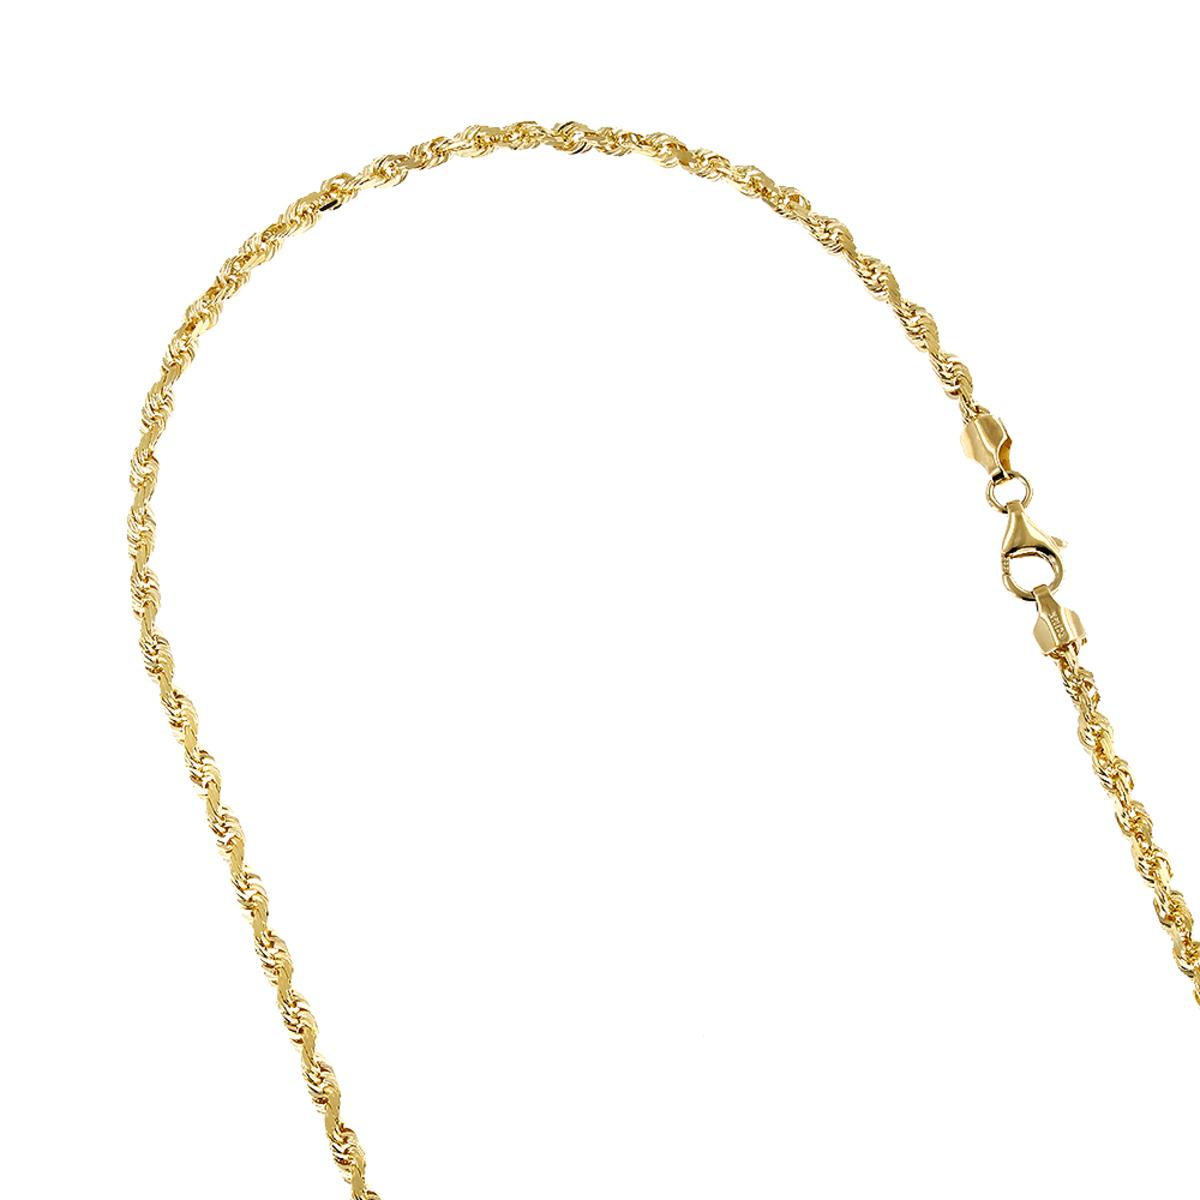 LUXURMAN Solid 10k Gold Rope Chain For Men & Women Diamond Cut 2.3mm